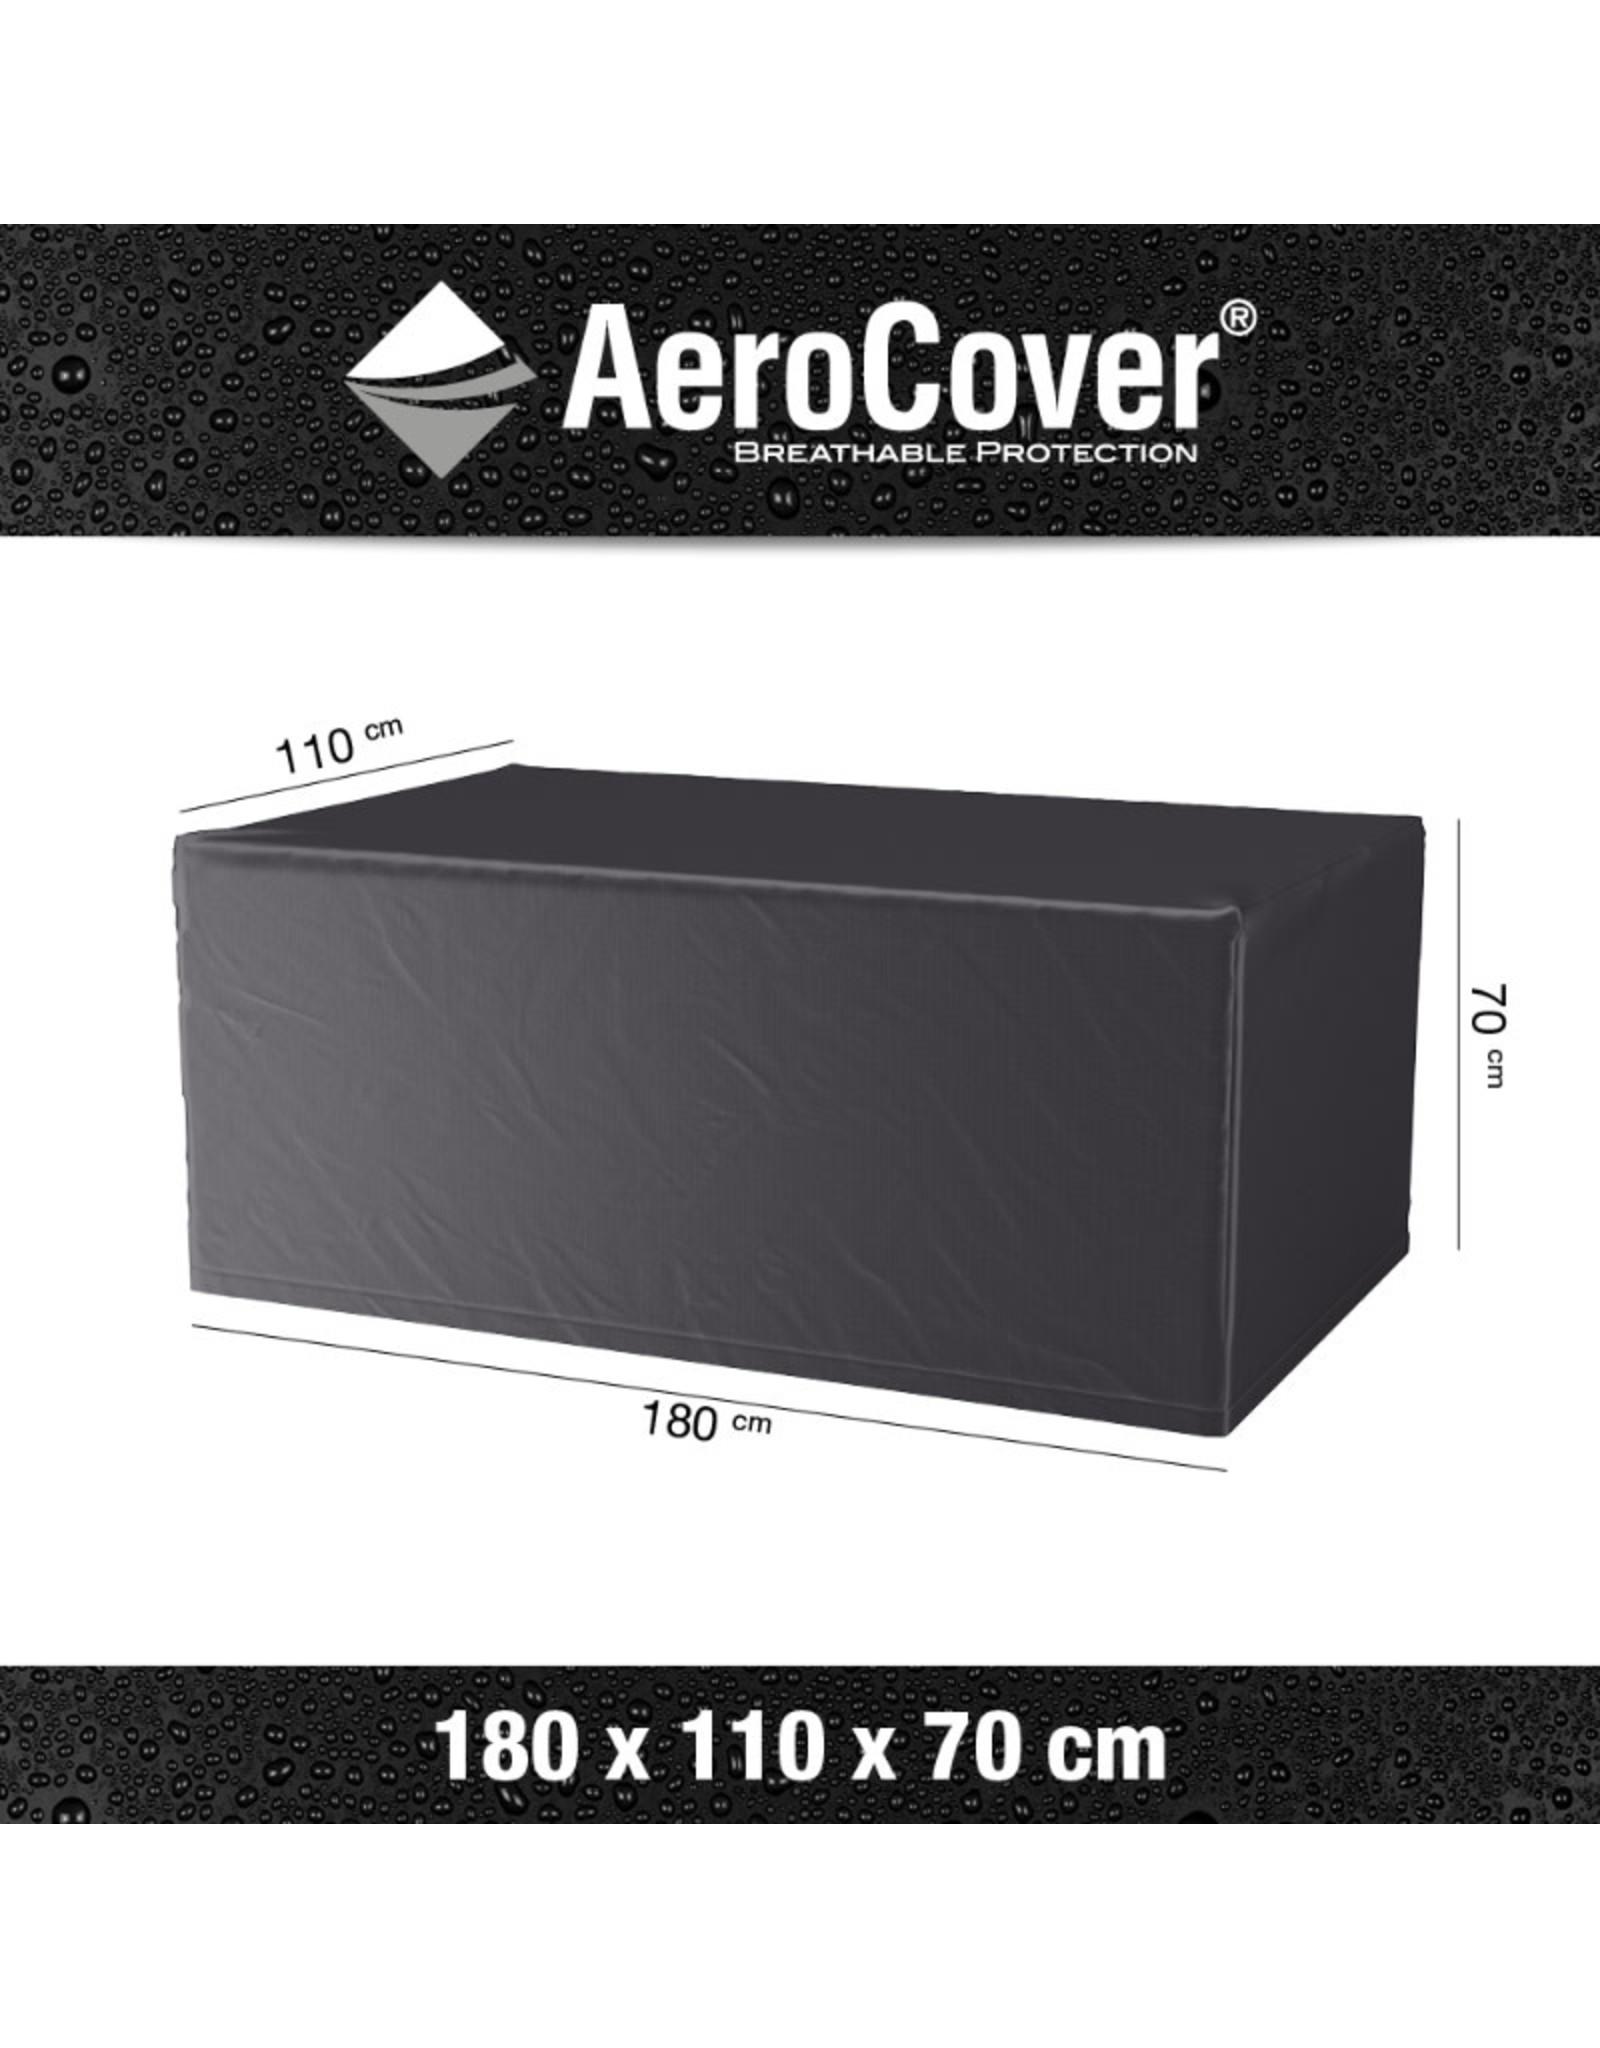 Aerocover AeroCover Tuintafelhoes 180x110xH70